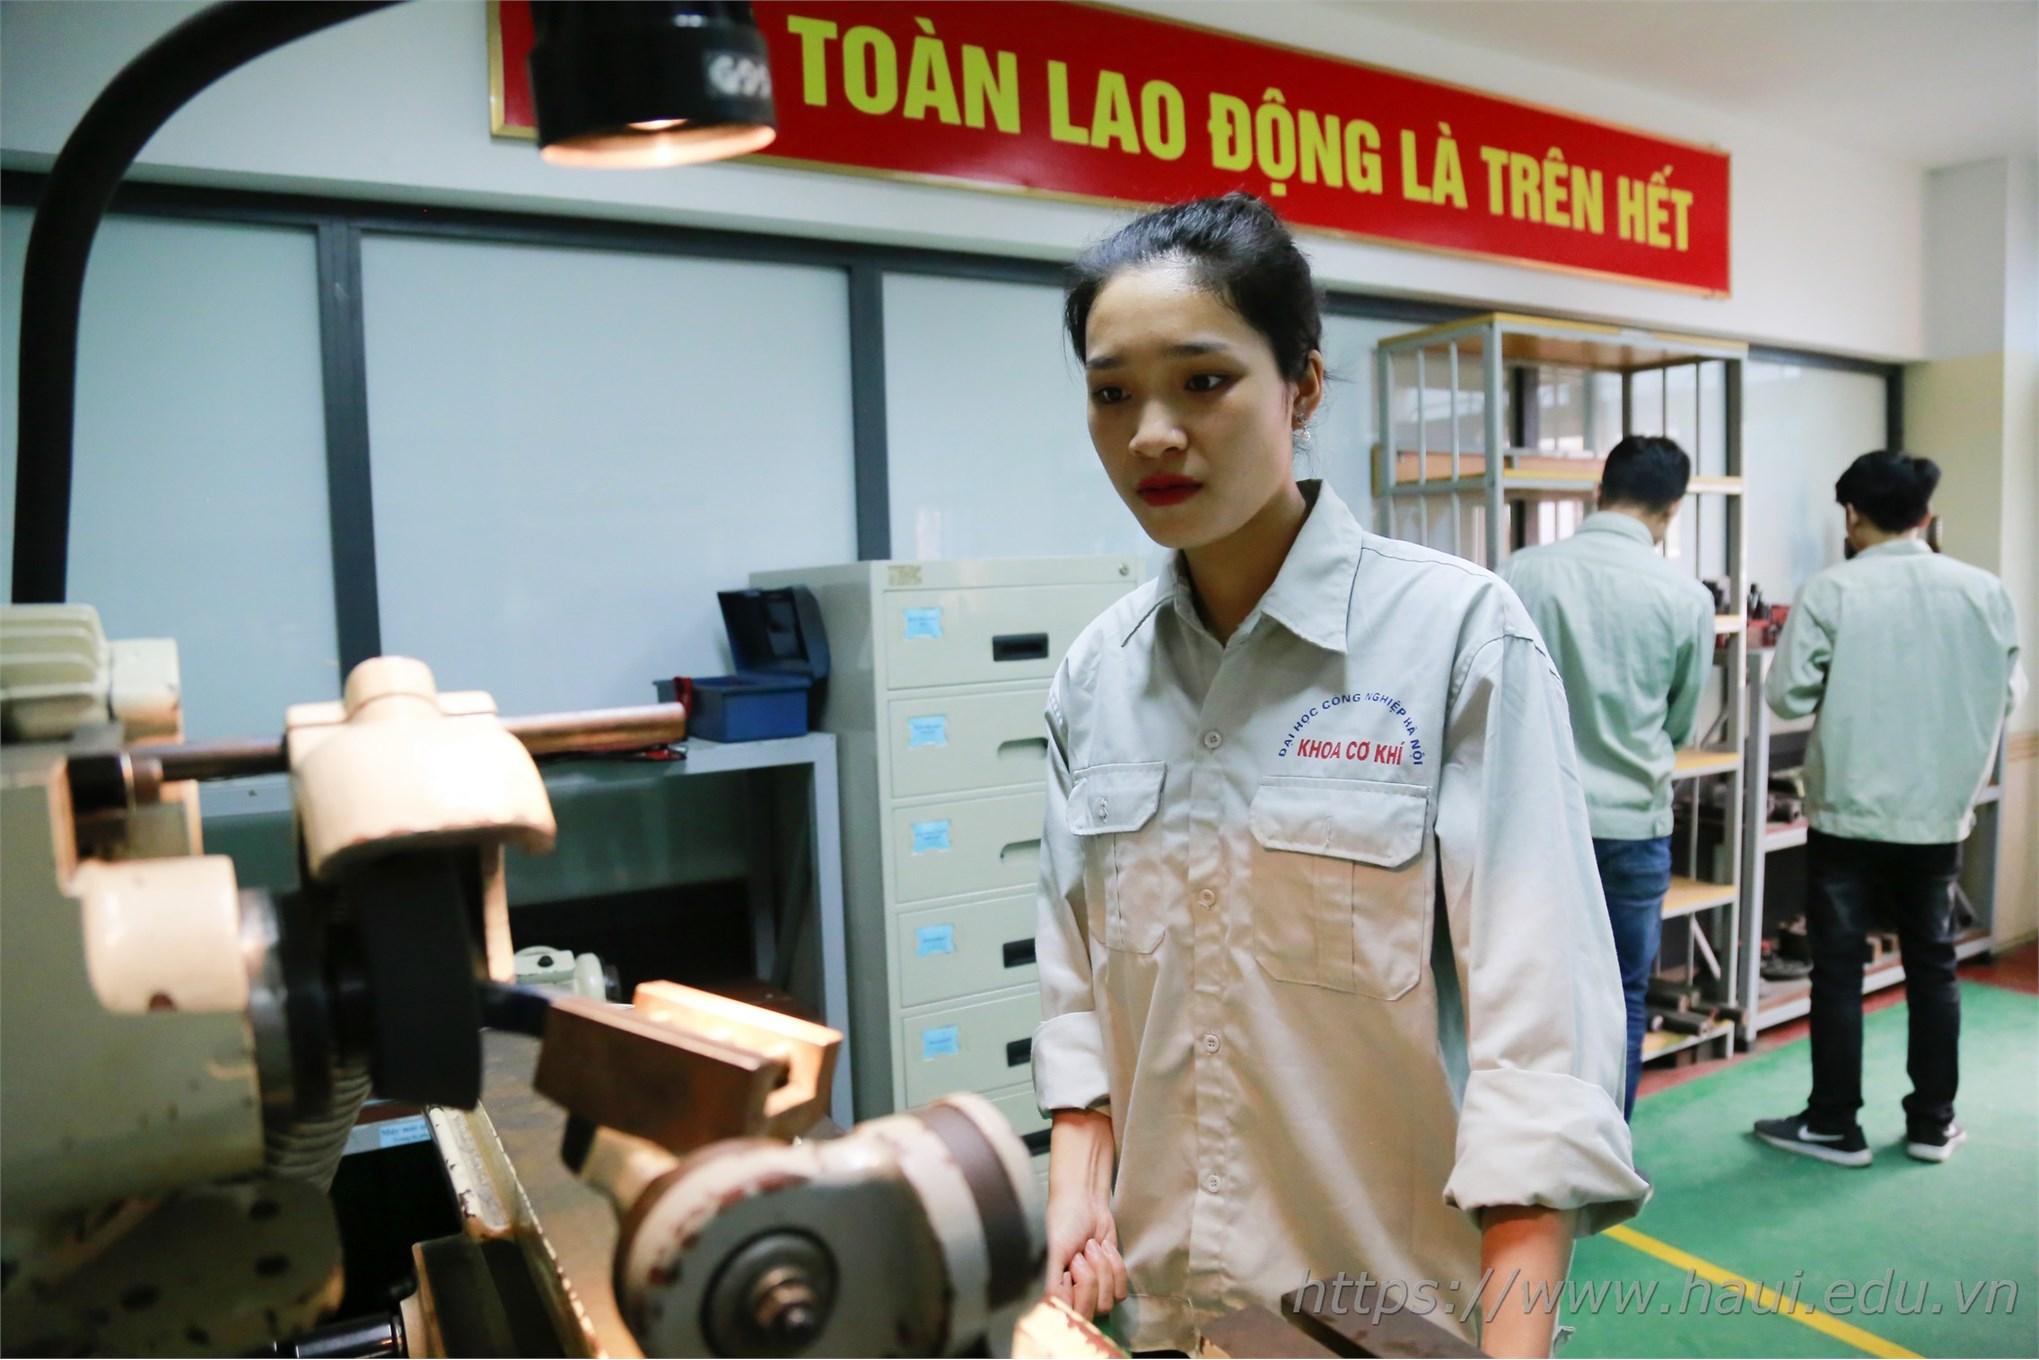 Á khôi HaUI - Con gái đam mê ngành kỹ thuật